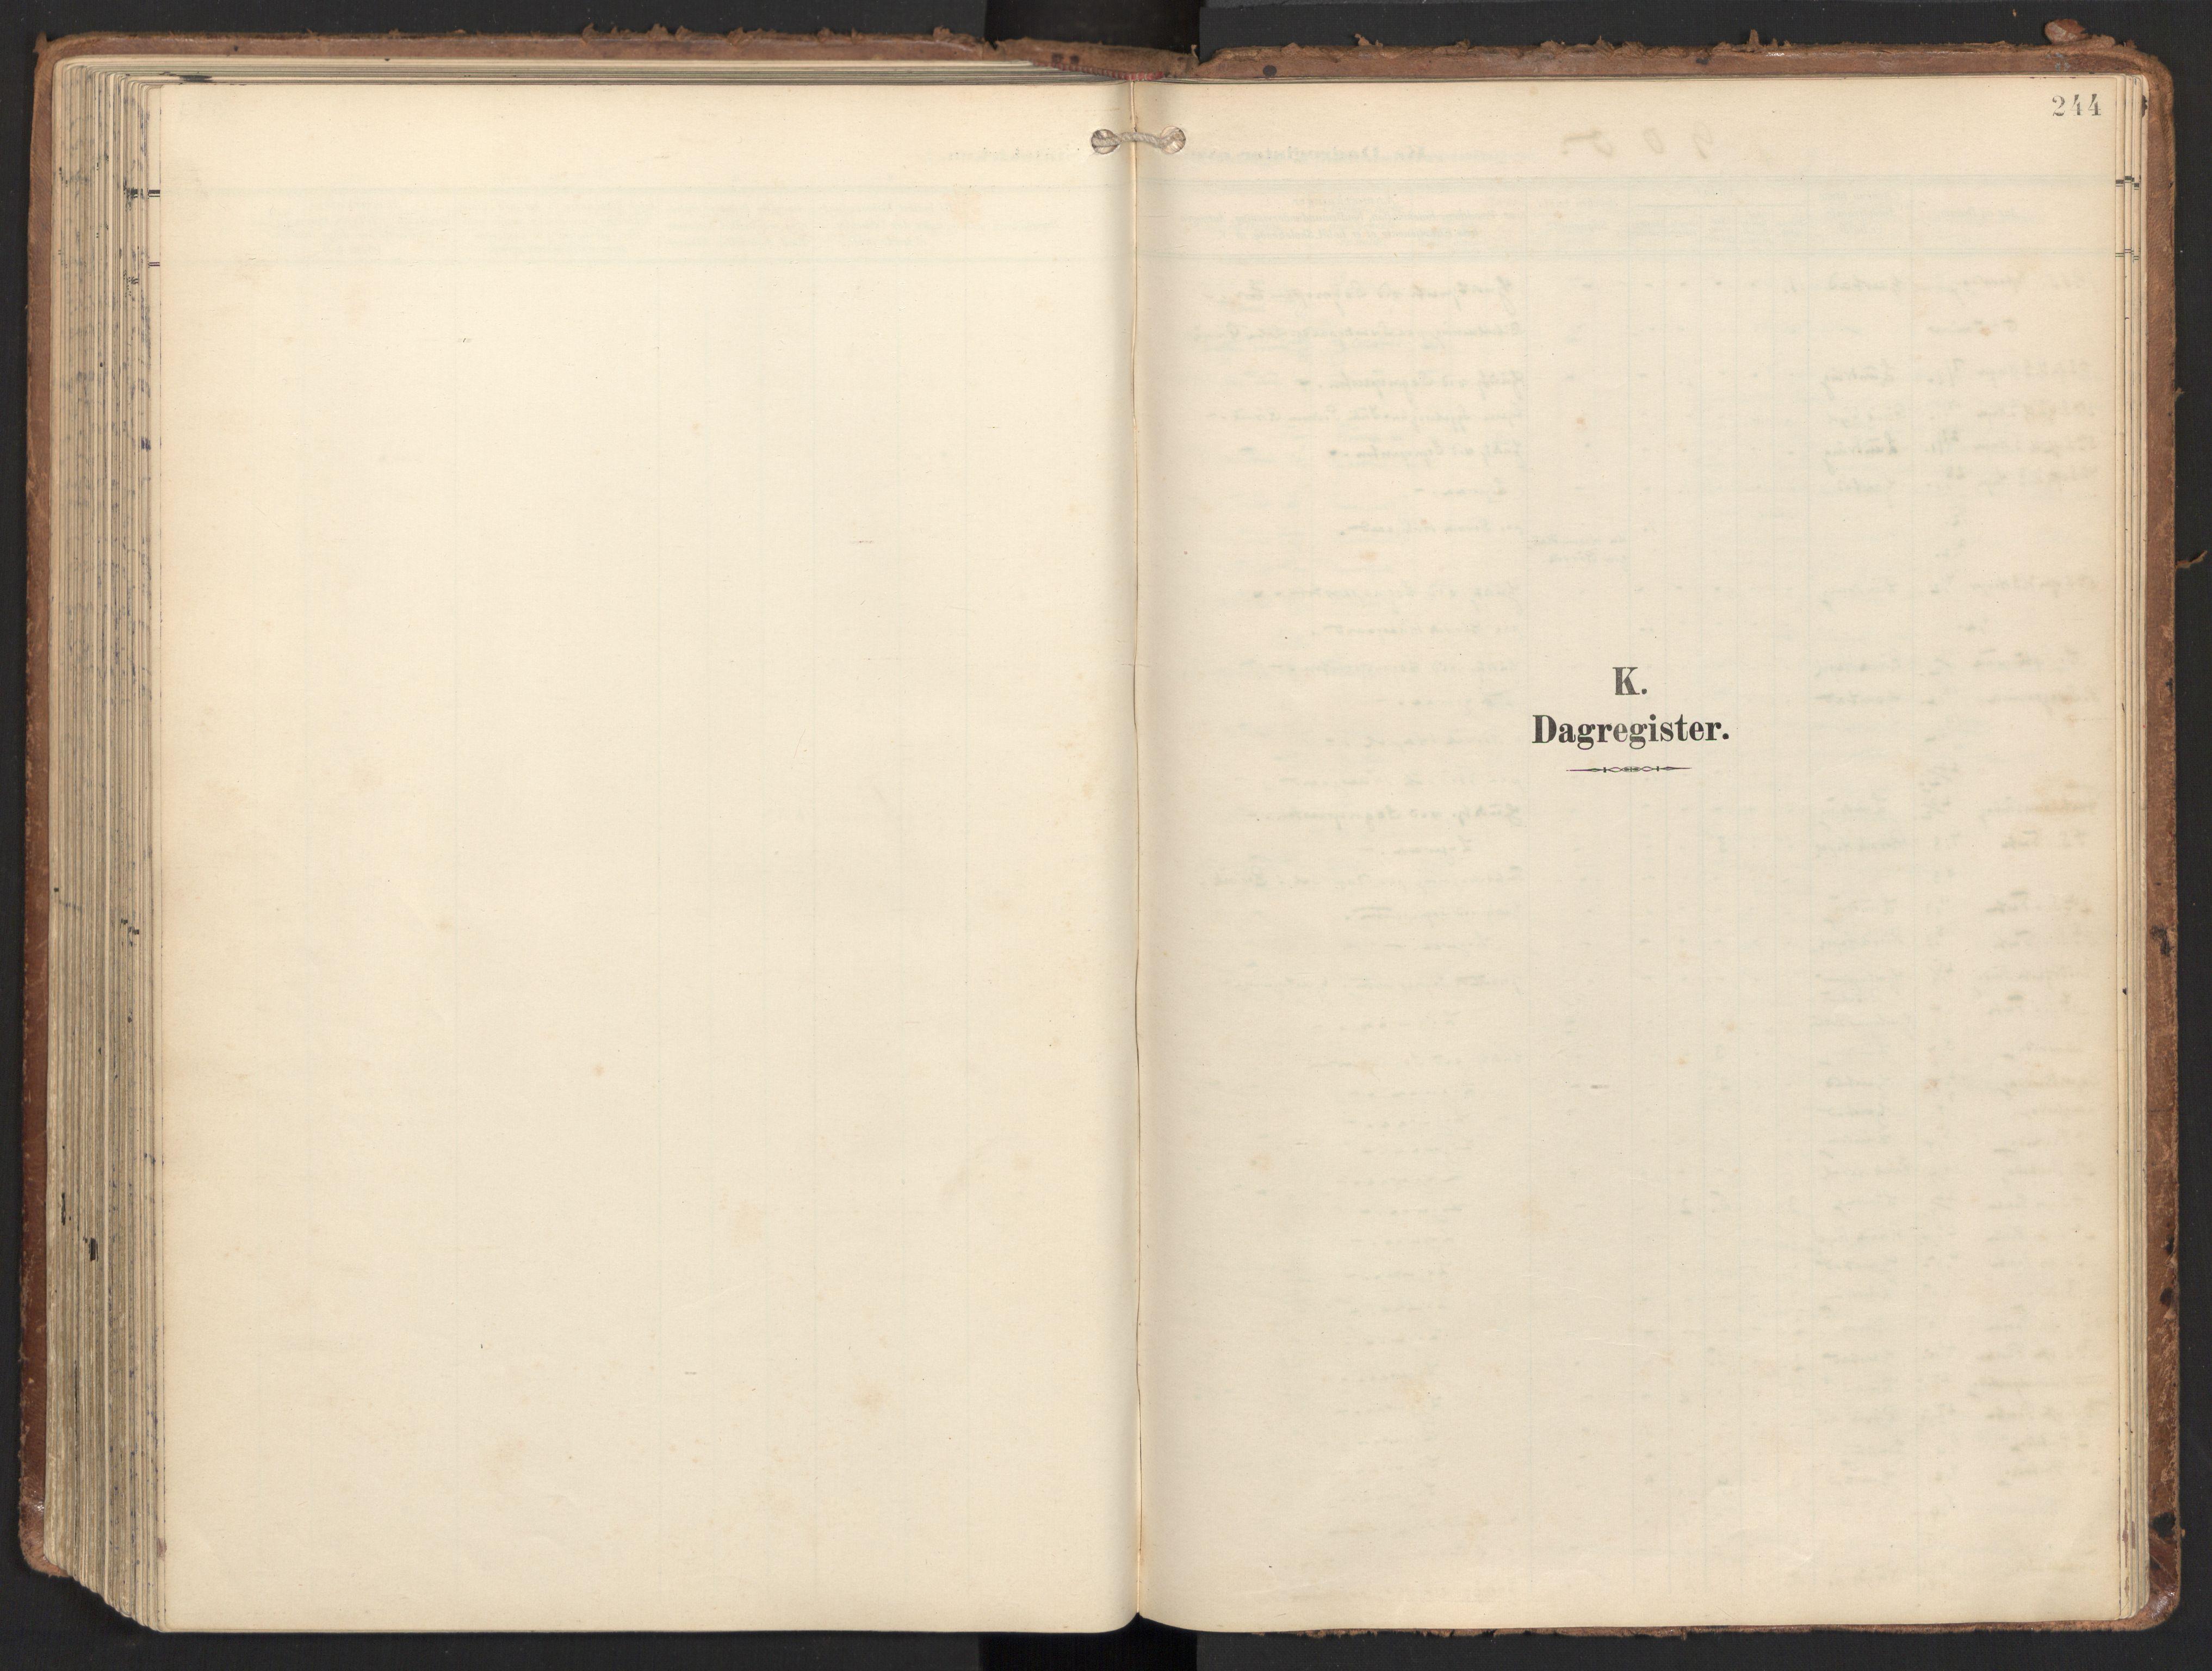 SAT, Ministerialprotokoller, klokkerbøker og fødselsregistre - Nord-Trøndelag, 784/L0677: Ministerialbok nr. 784A12, 1900-1920, s. 244